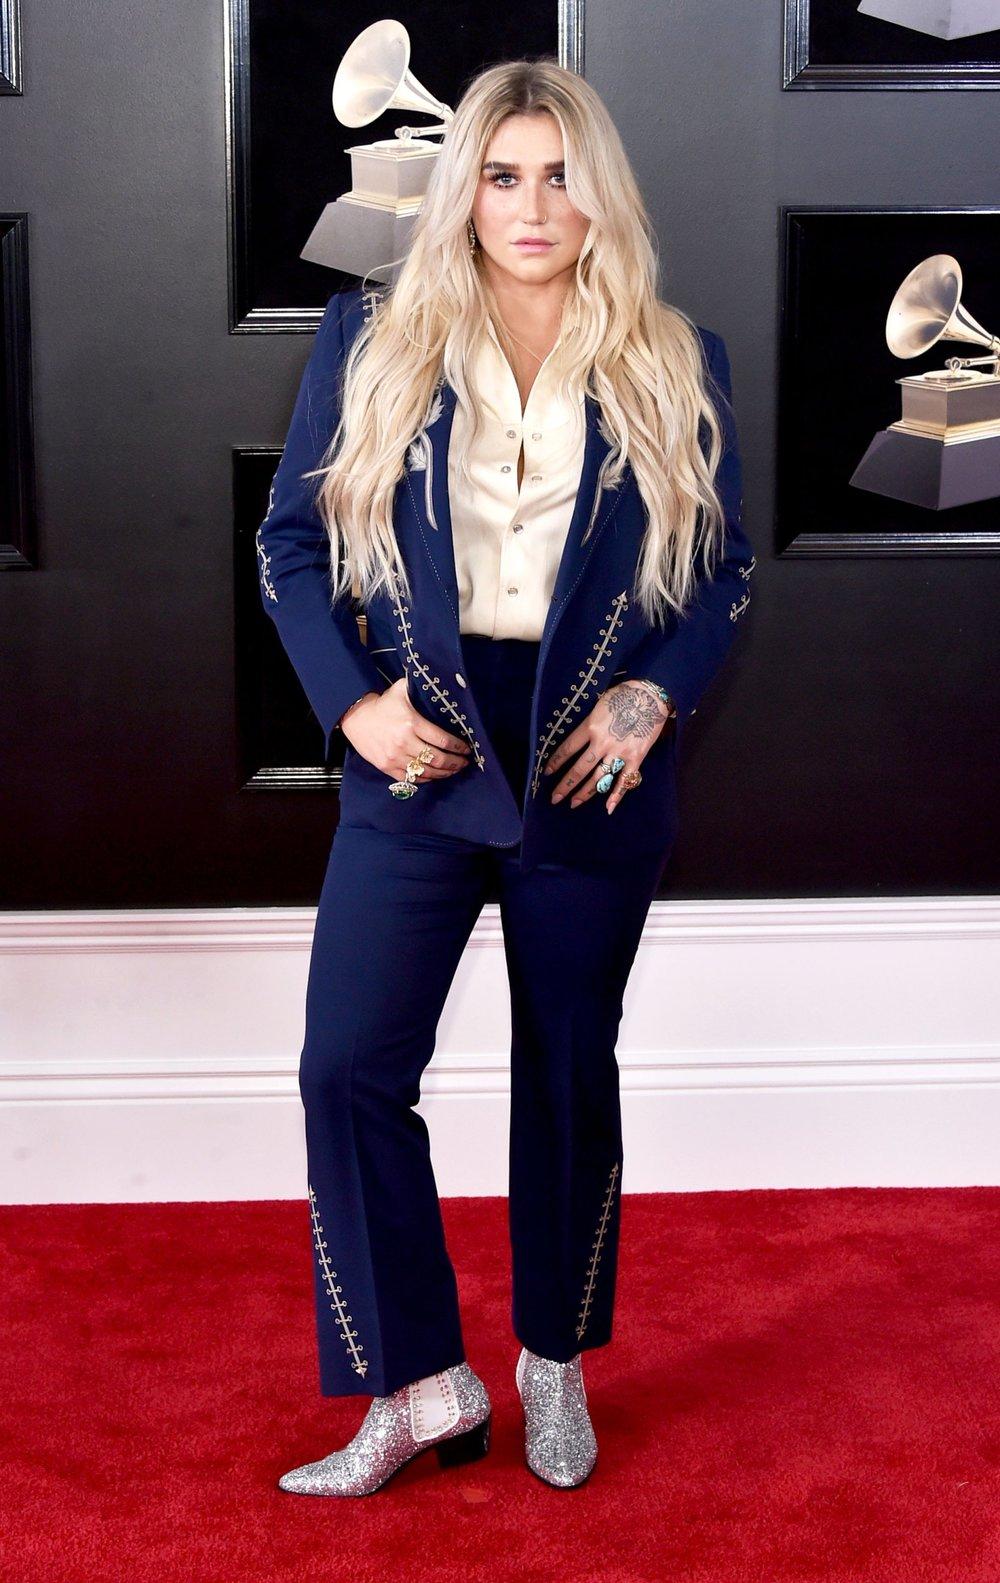 Grammys Awards 2018 - Kesha in Nudie's Rodeo Tailor.jpg